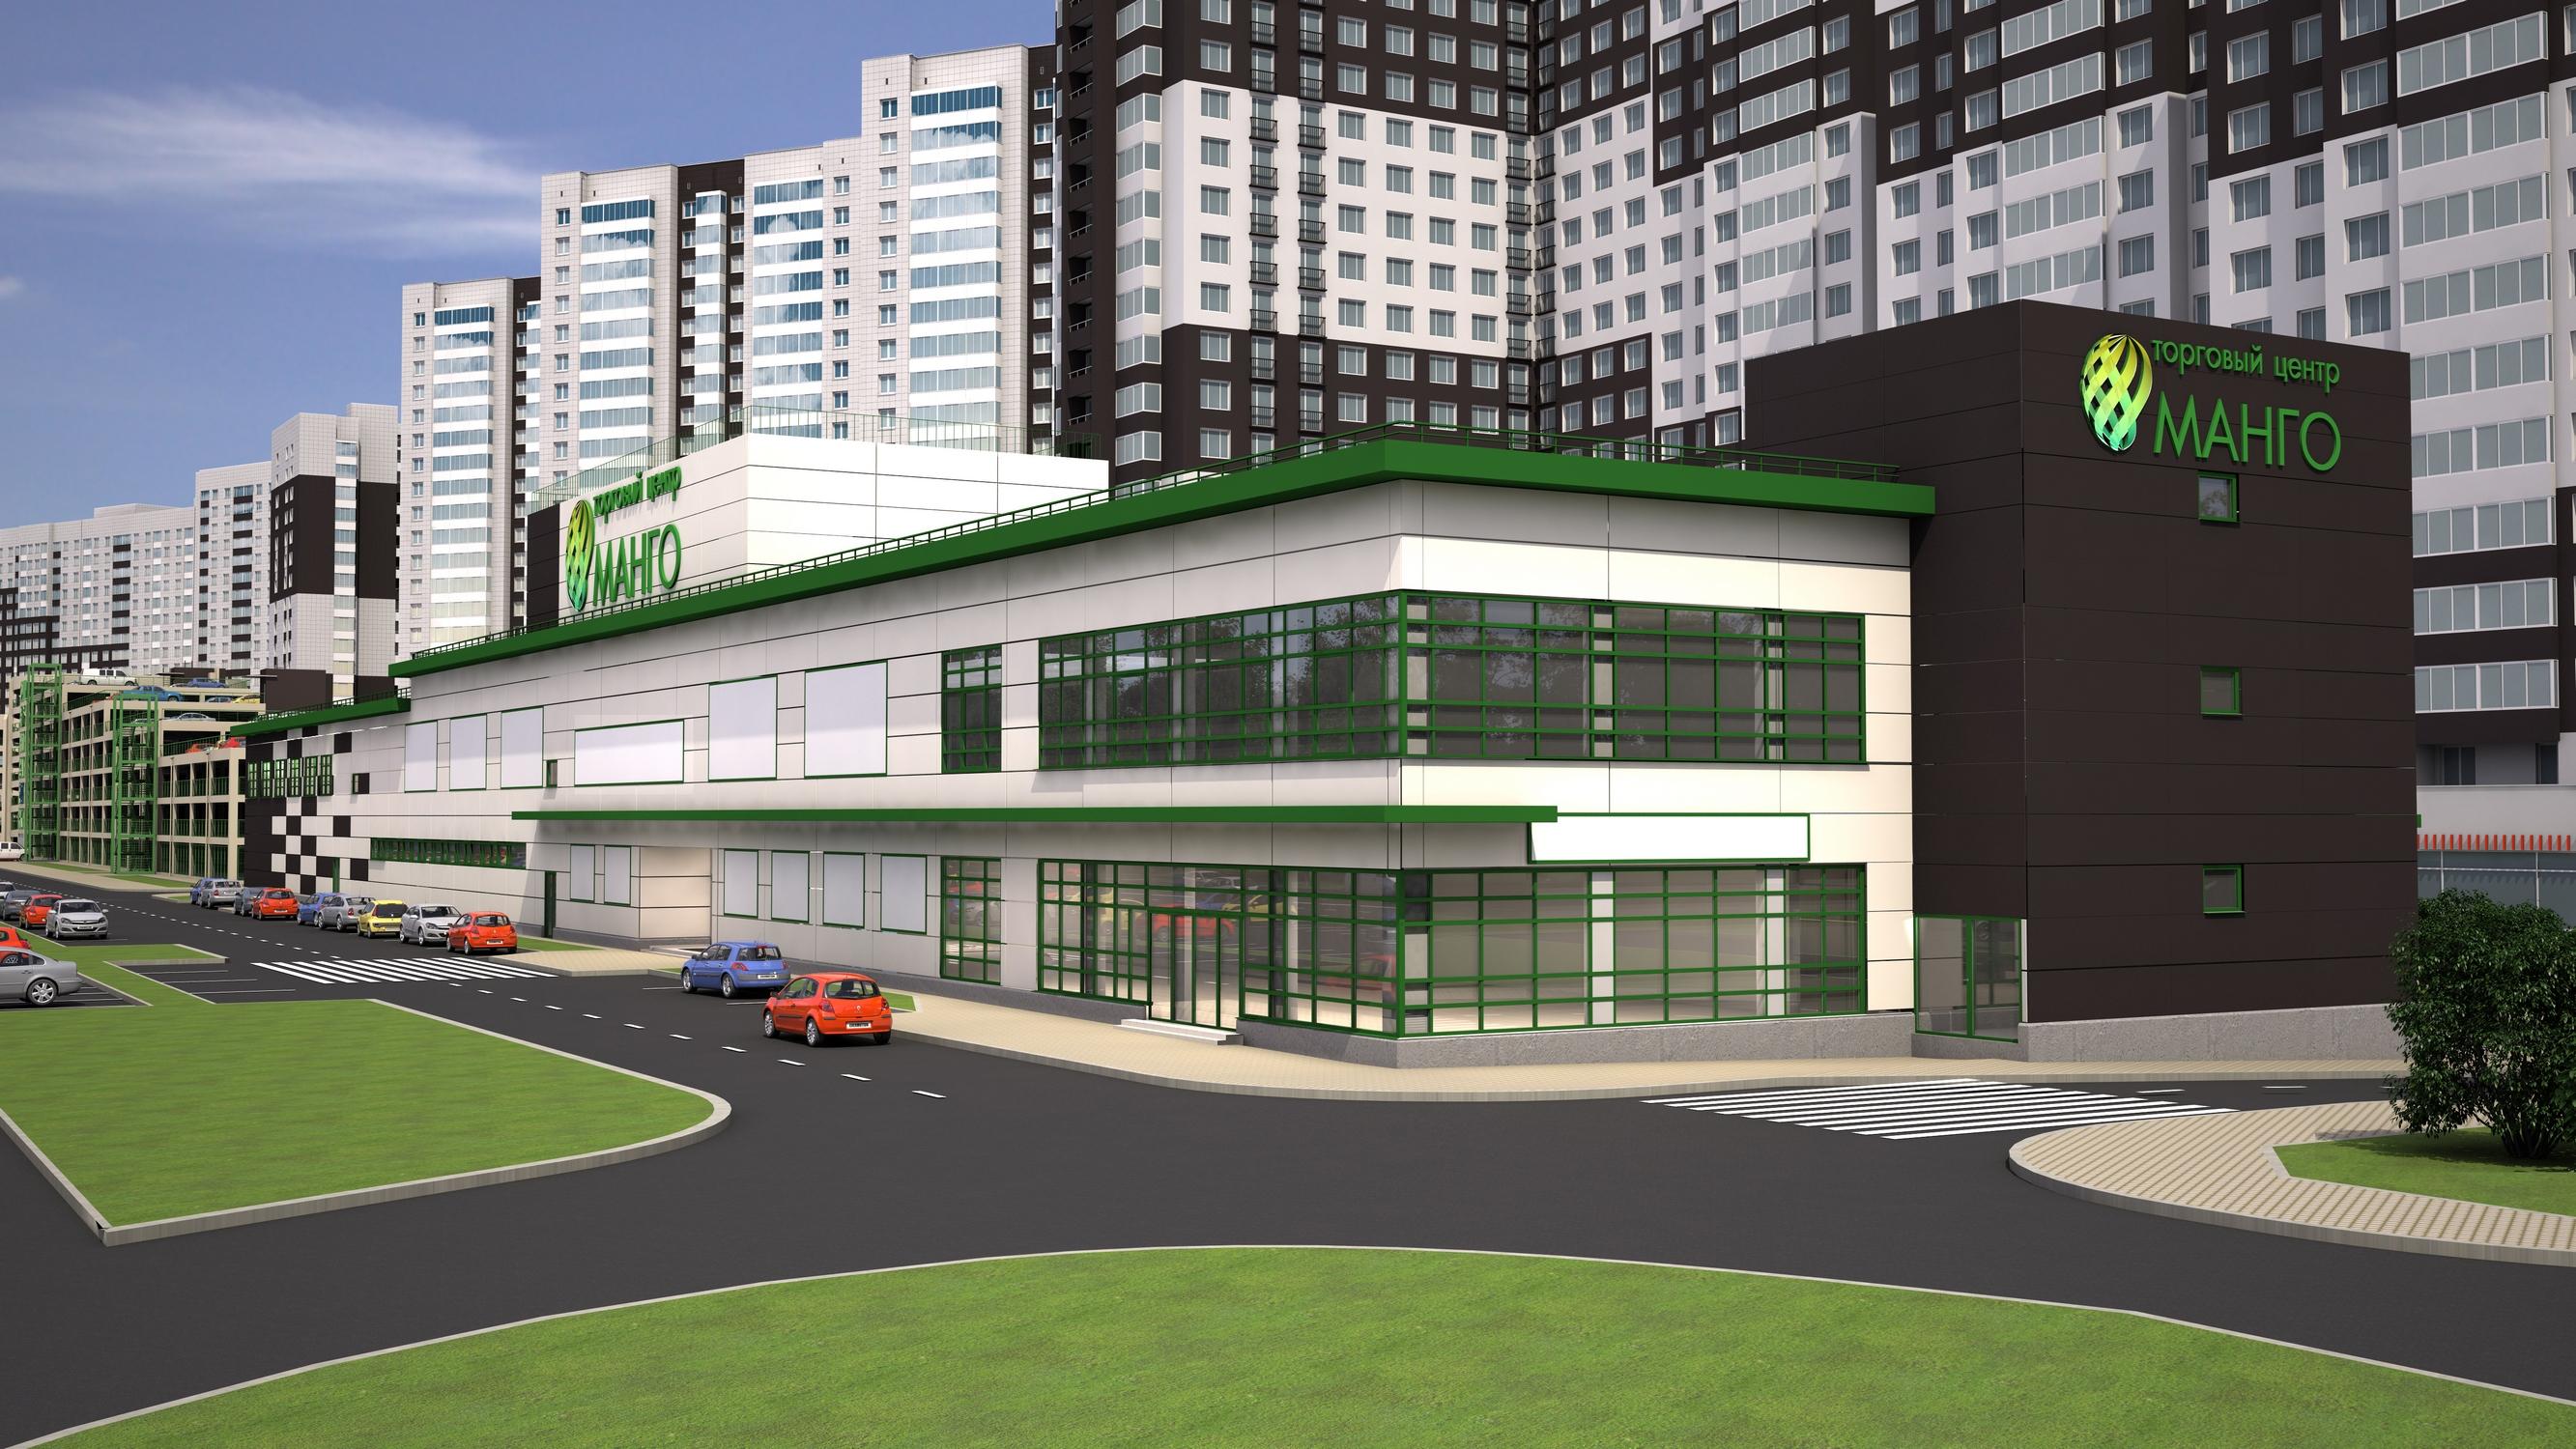 491b99da6c38 Торговый центр Манго Одинцово   Торговая недвижимость   gotoMall